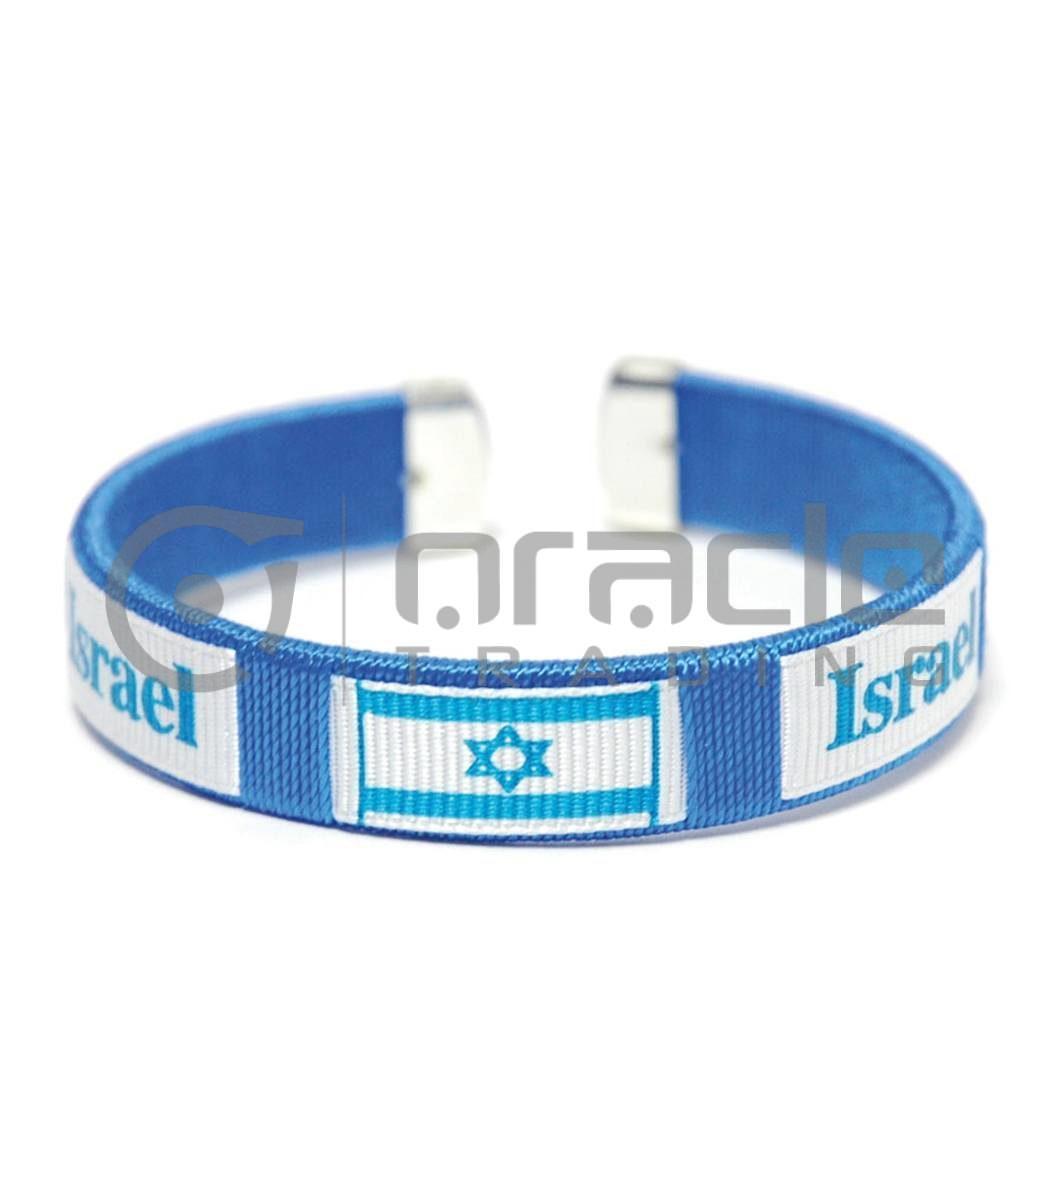 Israel C Bracelets 12-Pack